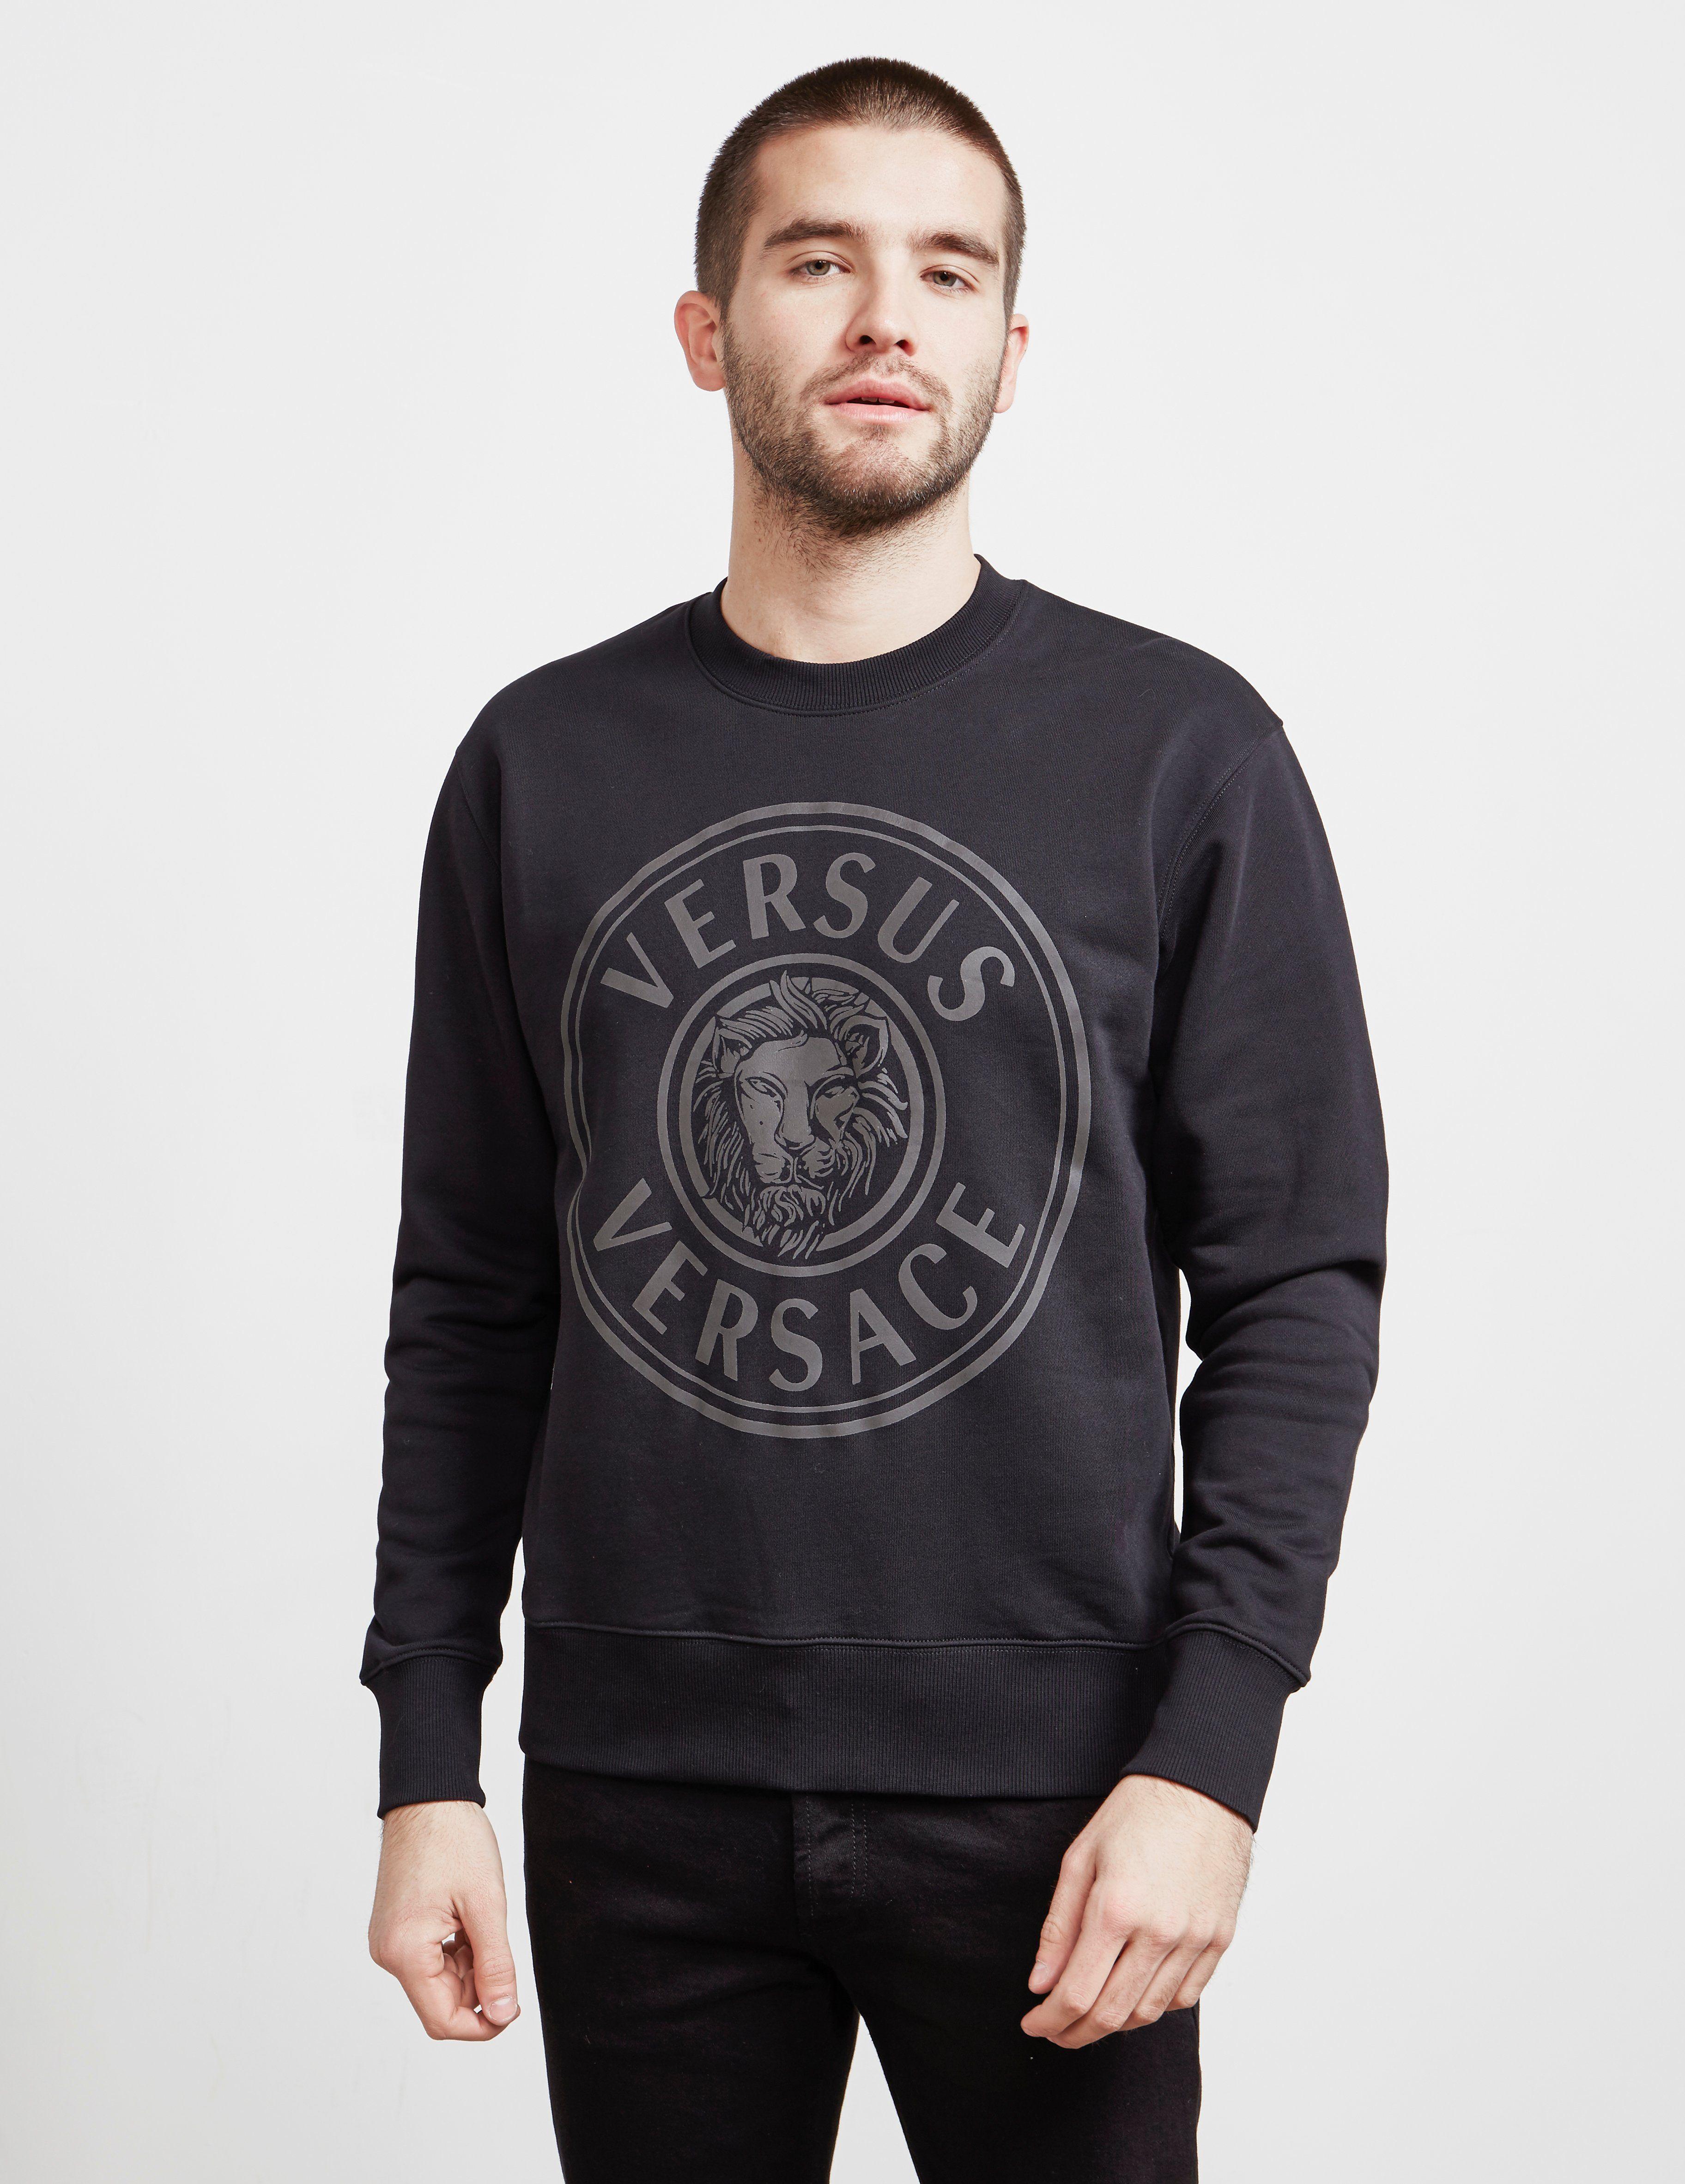 Versus Versace Reflective Sweatshirt